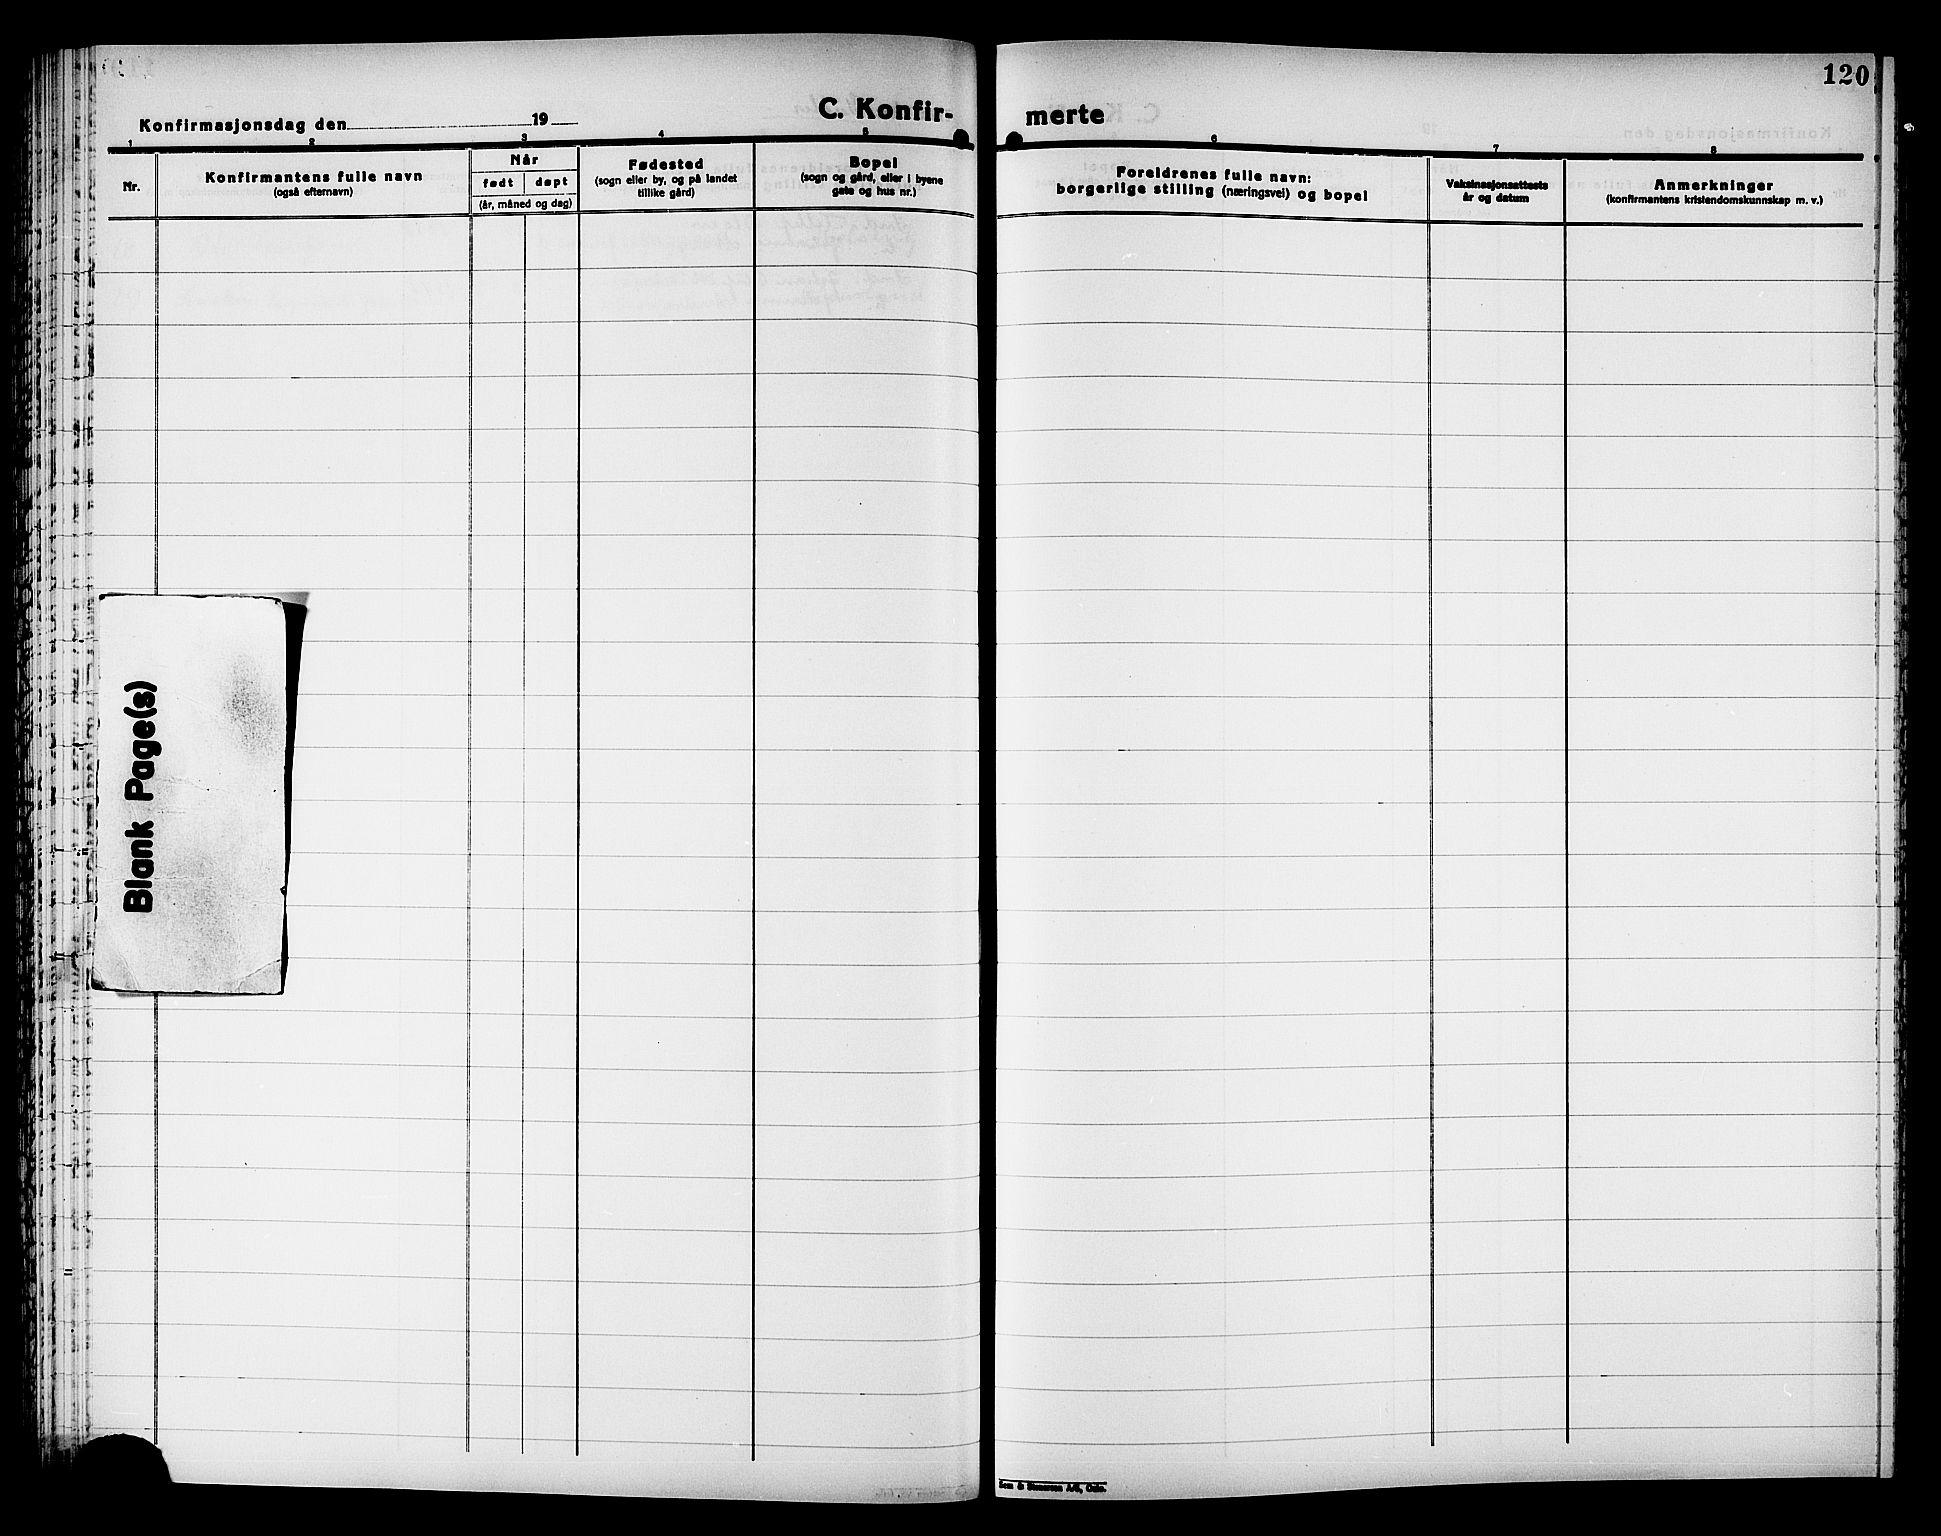 SAT, Ministerialprotokoller, klokkerbøker og fødselsregistre - Nord-Trøndelag, 749/L0486: Ministerialbok nr. 749D02, 1873-1887, s. 120